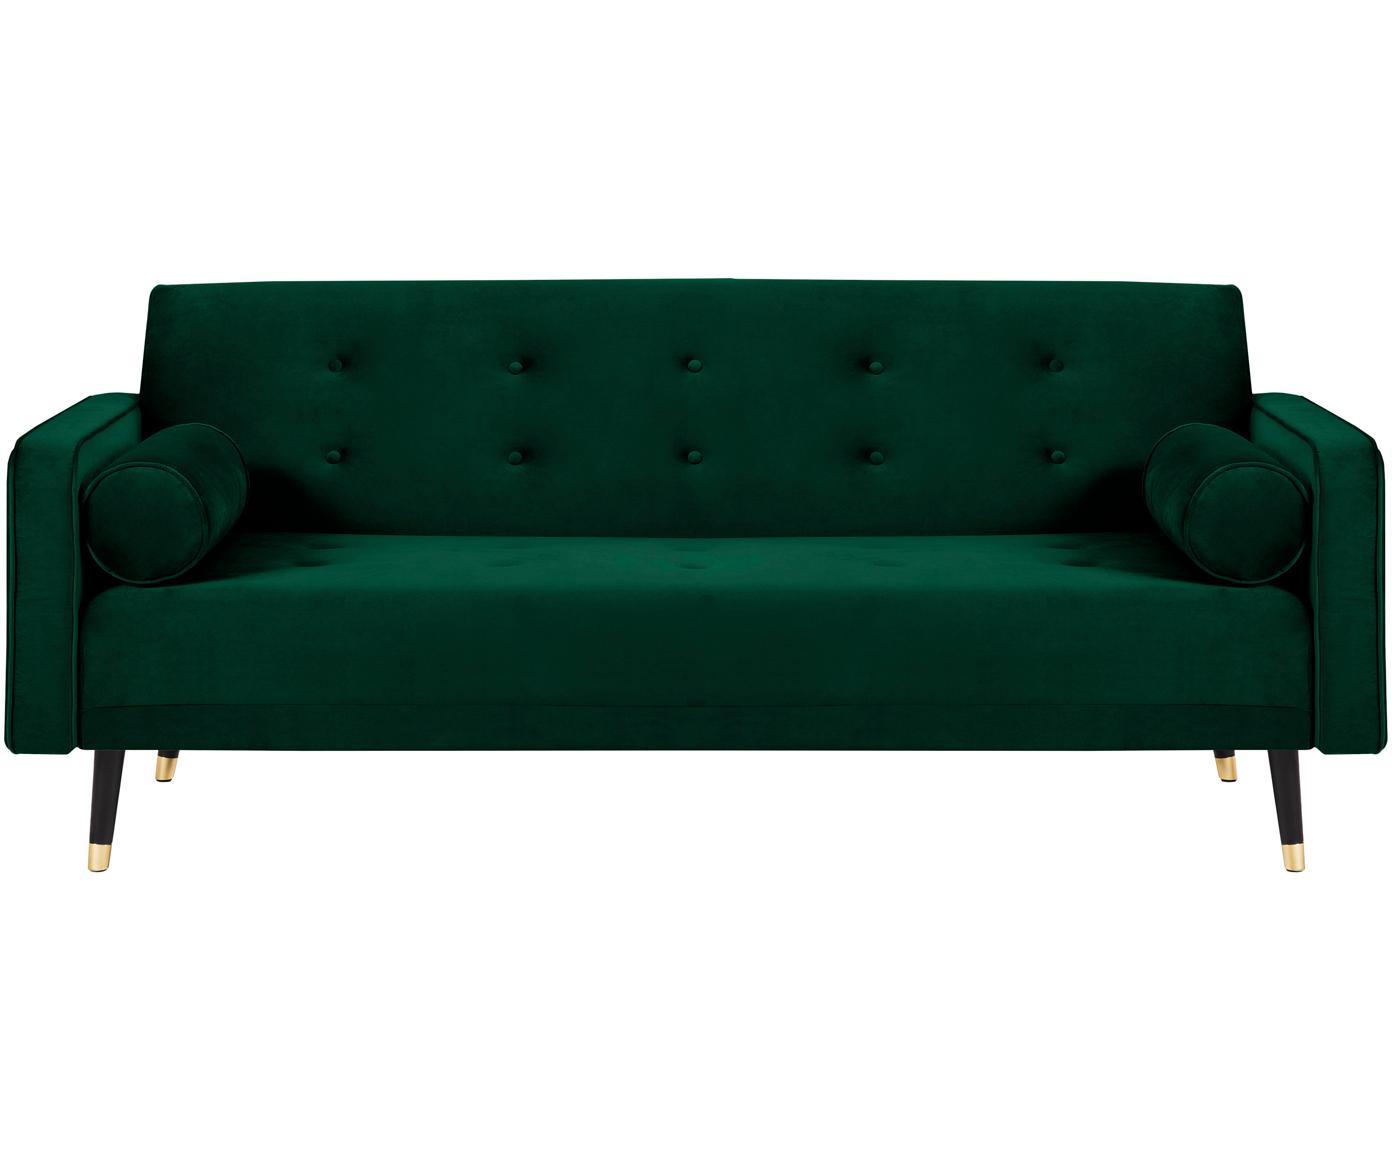 Sofá cama de terciopelo Gia (3plazas), Tapizado: terciopelo de poliéster, Estructura: madera de pino maciza, Patas: madera de haya pintada, Verde oscuro, An 212 x F 93 cm